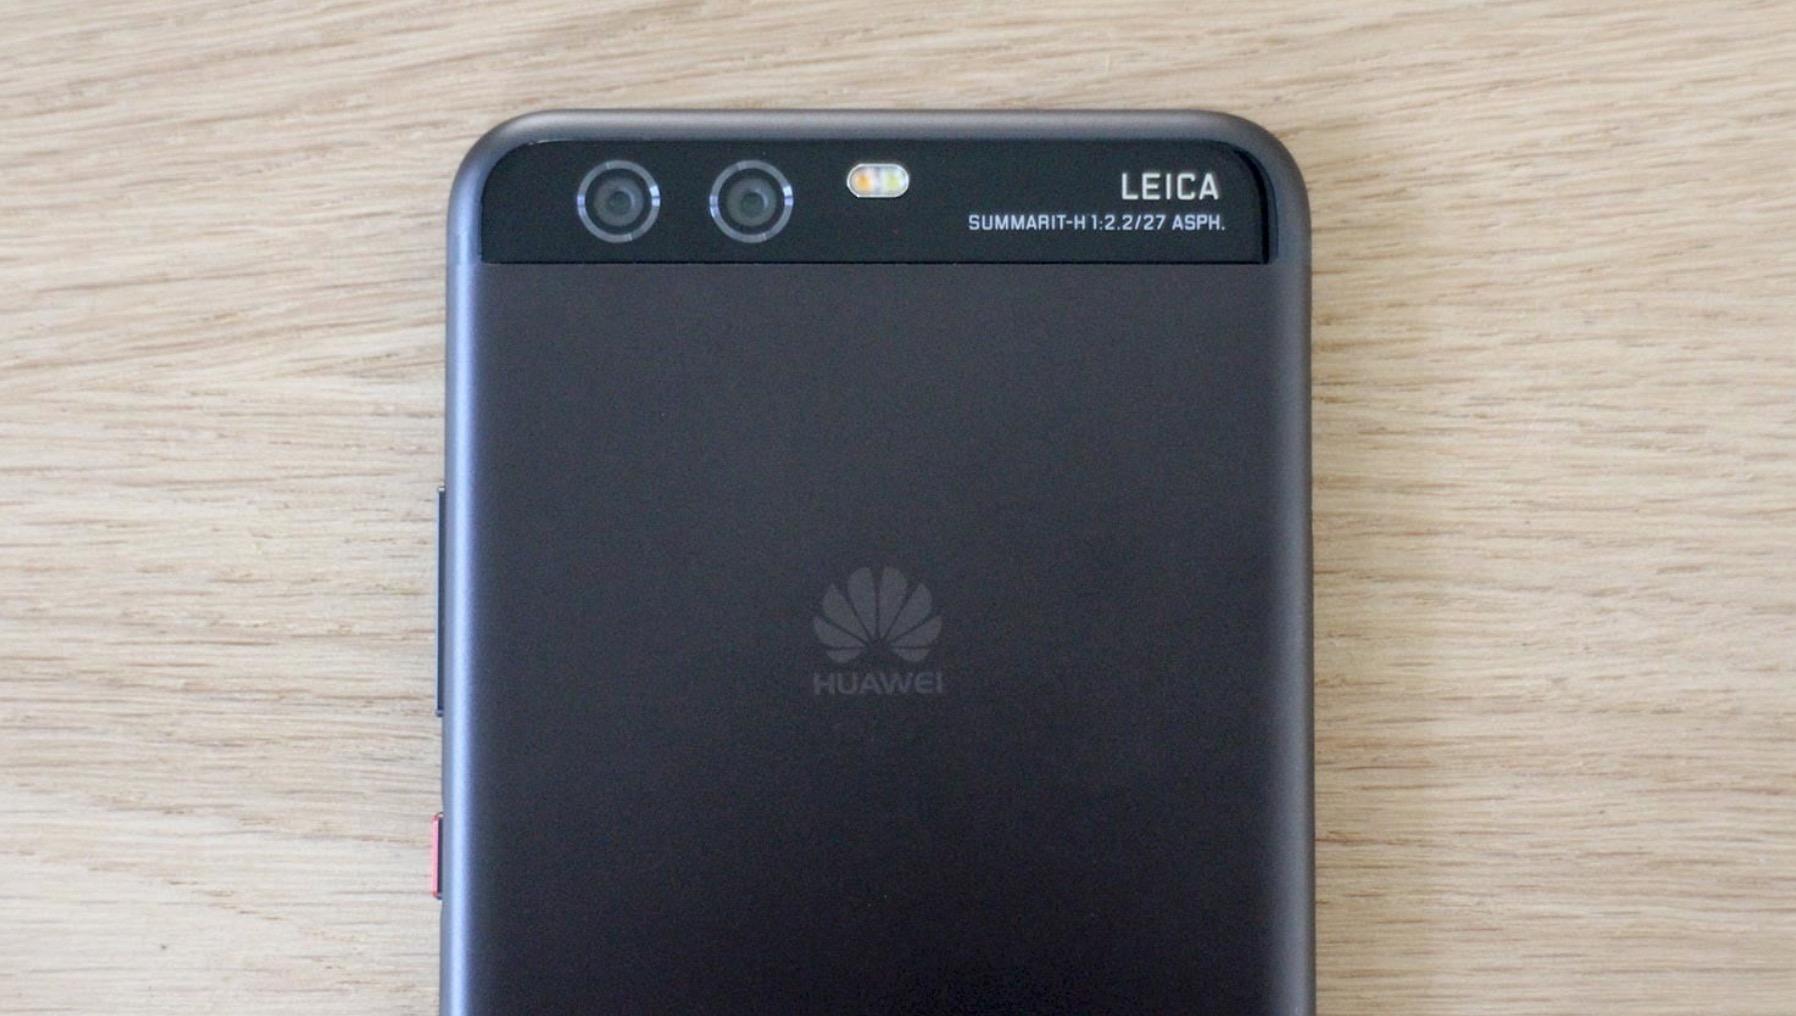 Huawei P20 Pro vs Huawei P10 Plus